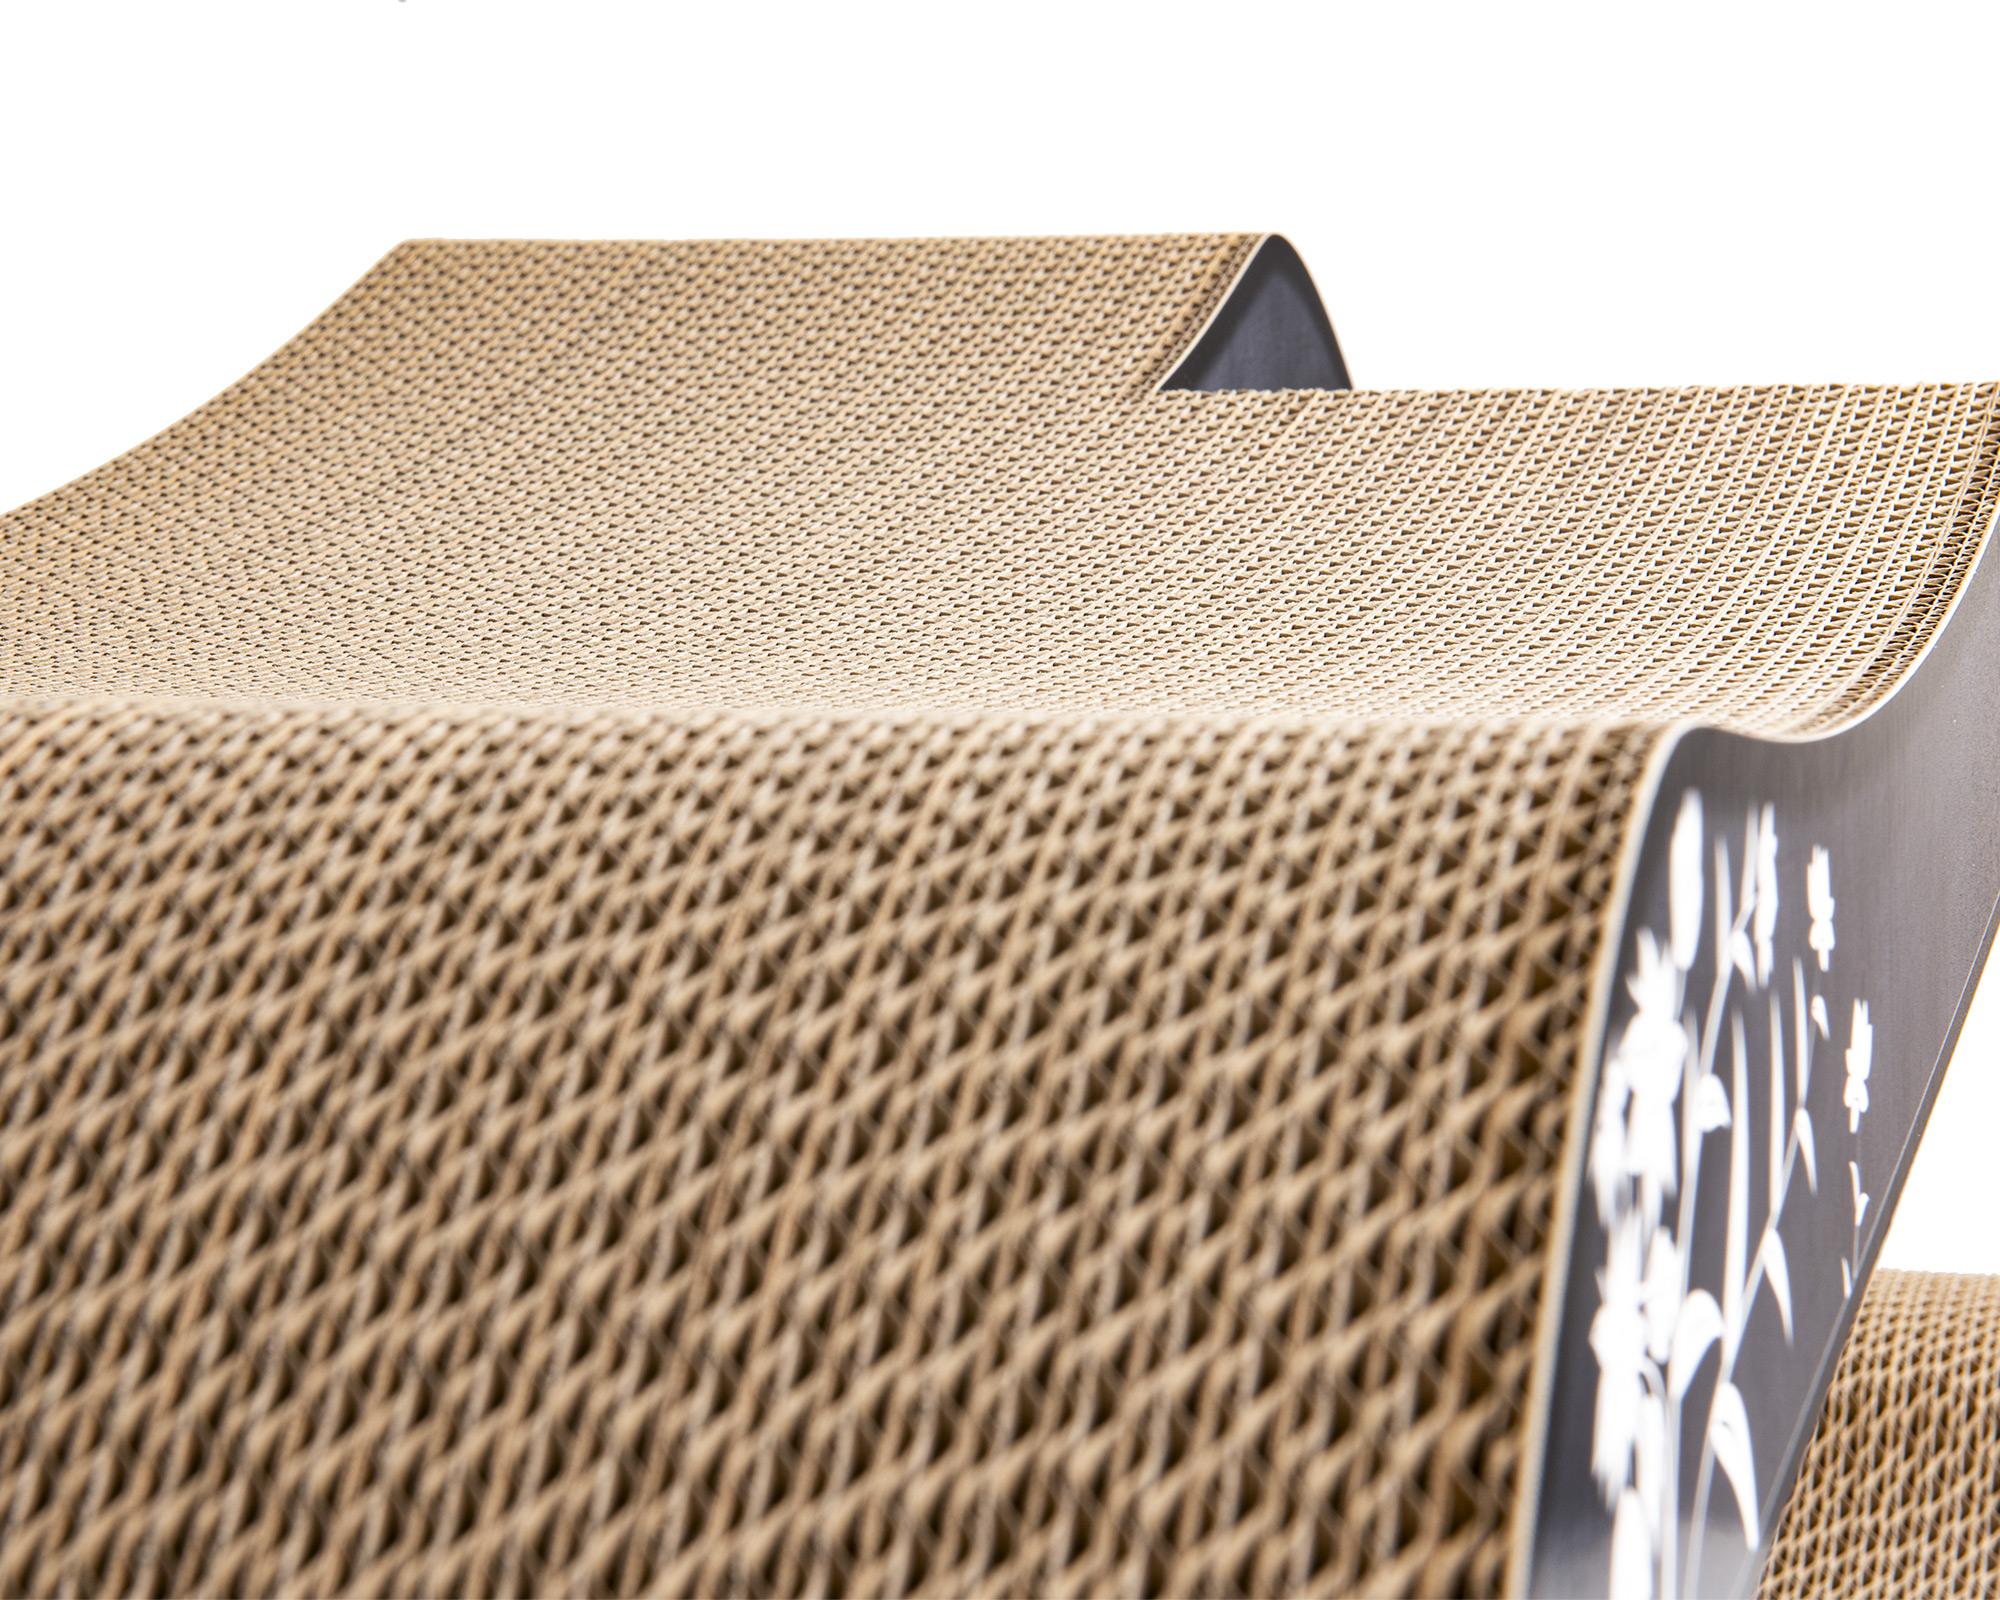 Zone de couchage supérieure, courbe ergonomique